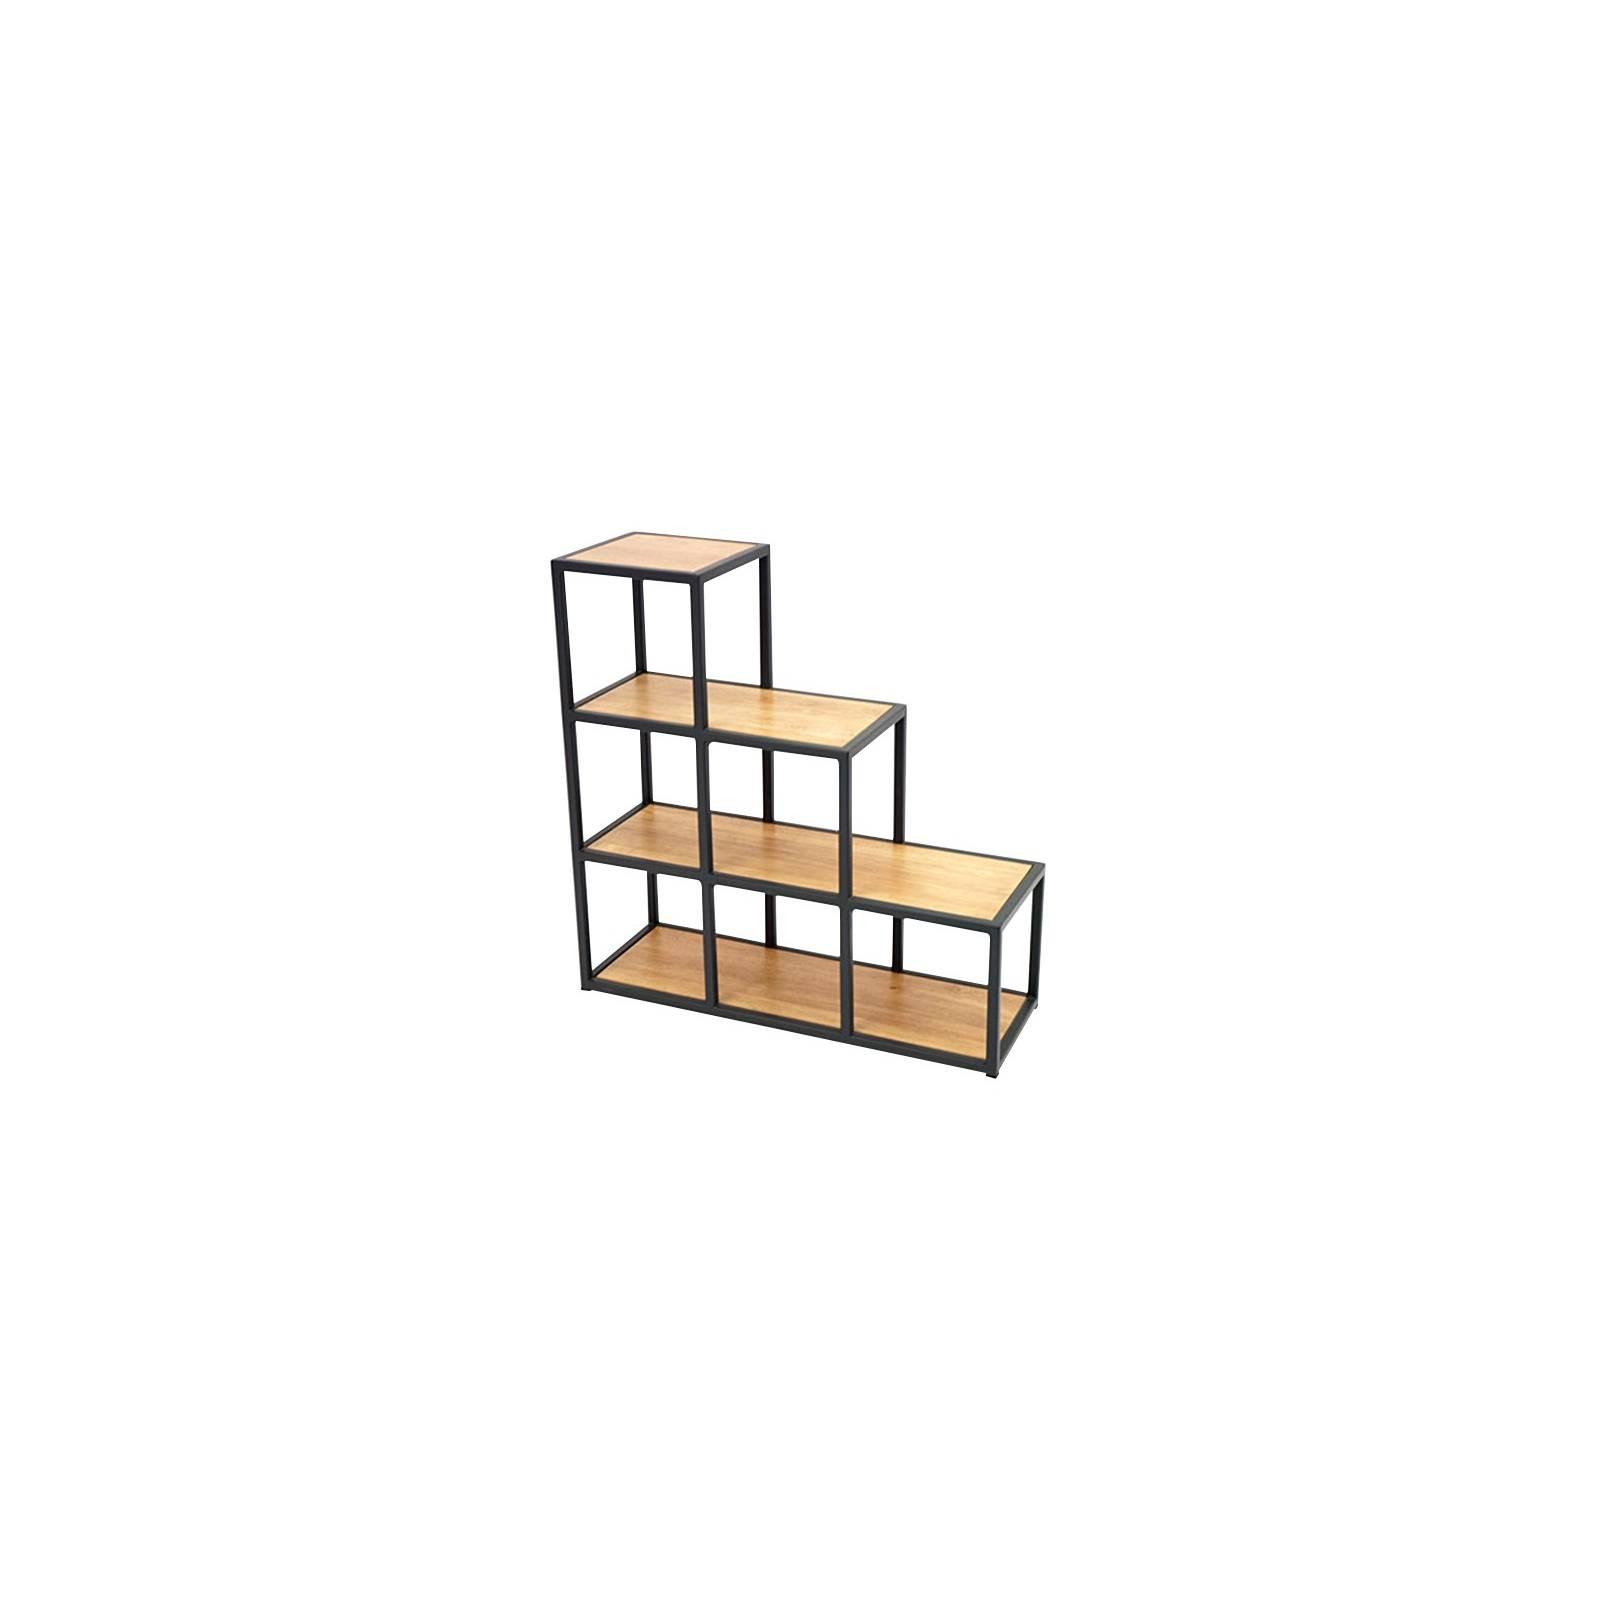 Étagère escalier Berlin Hévéa - meuble bois exotique